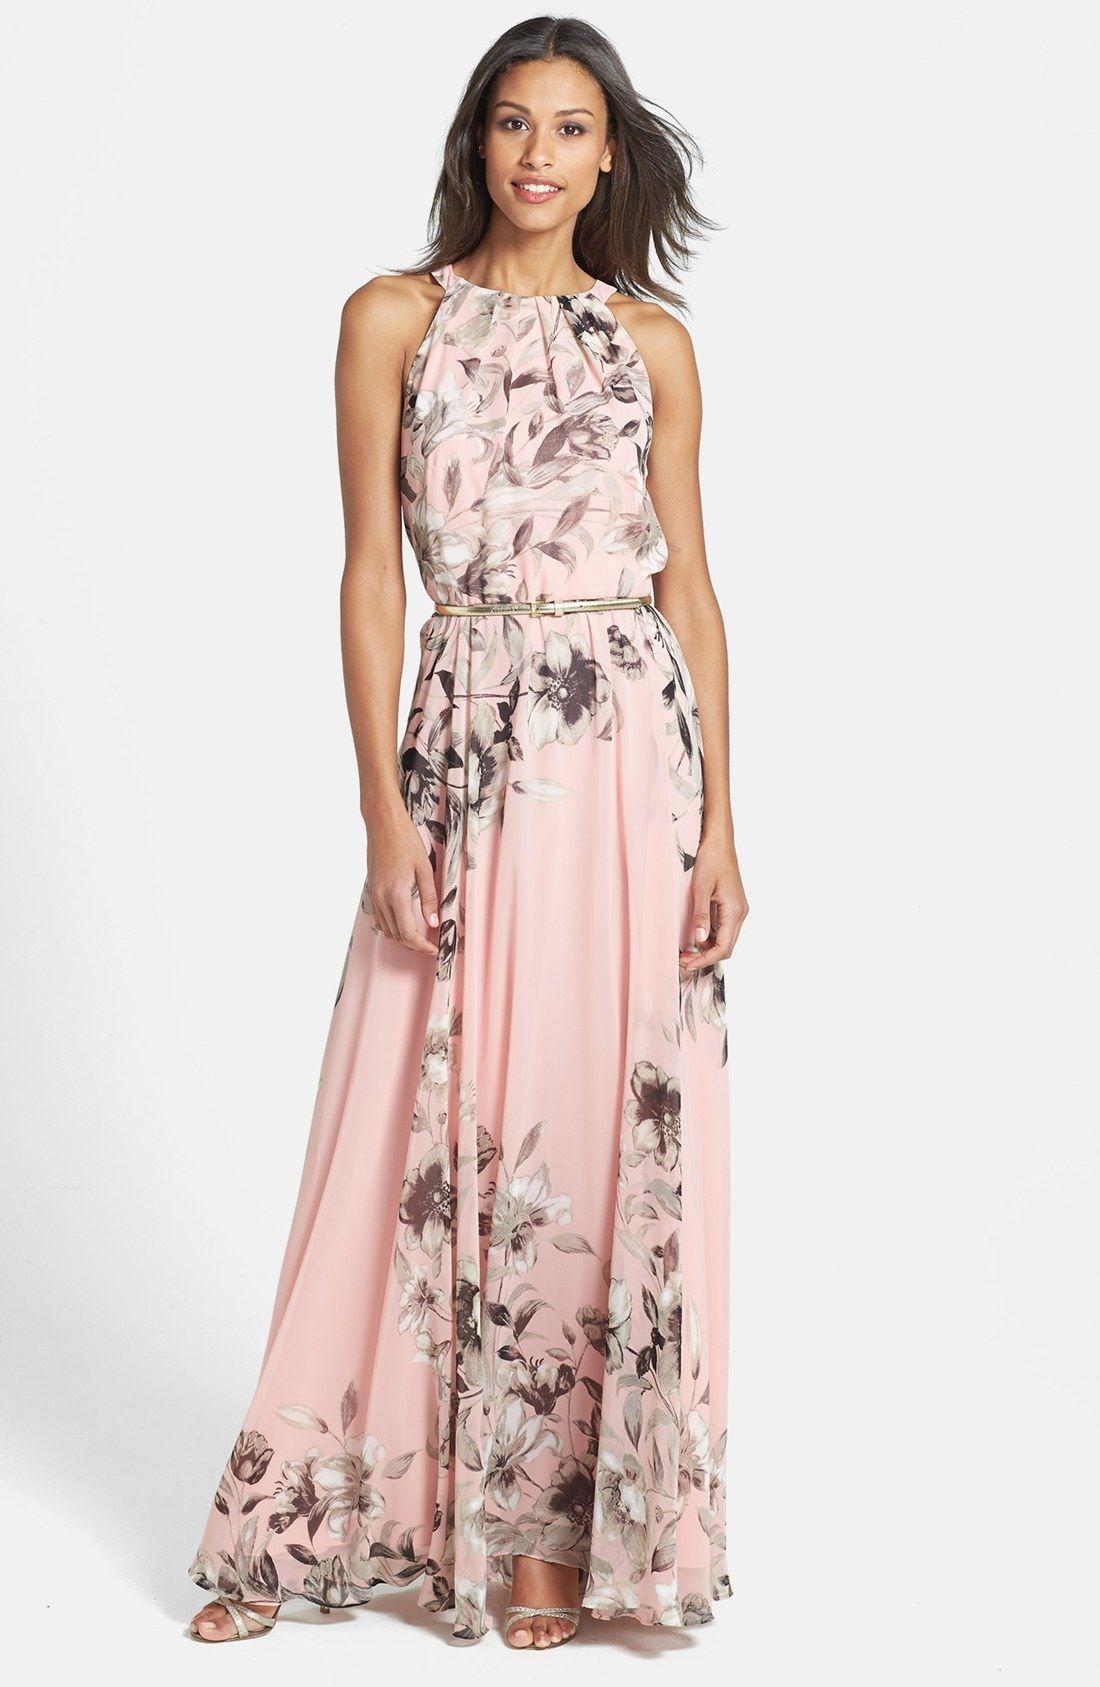 Belted Chiffon Maxi Dress Chiffon maxi Maxi dresses and Pale pink